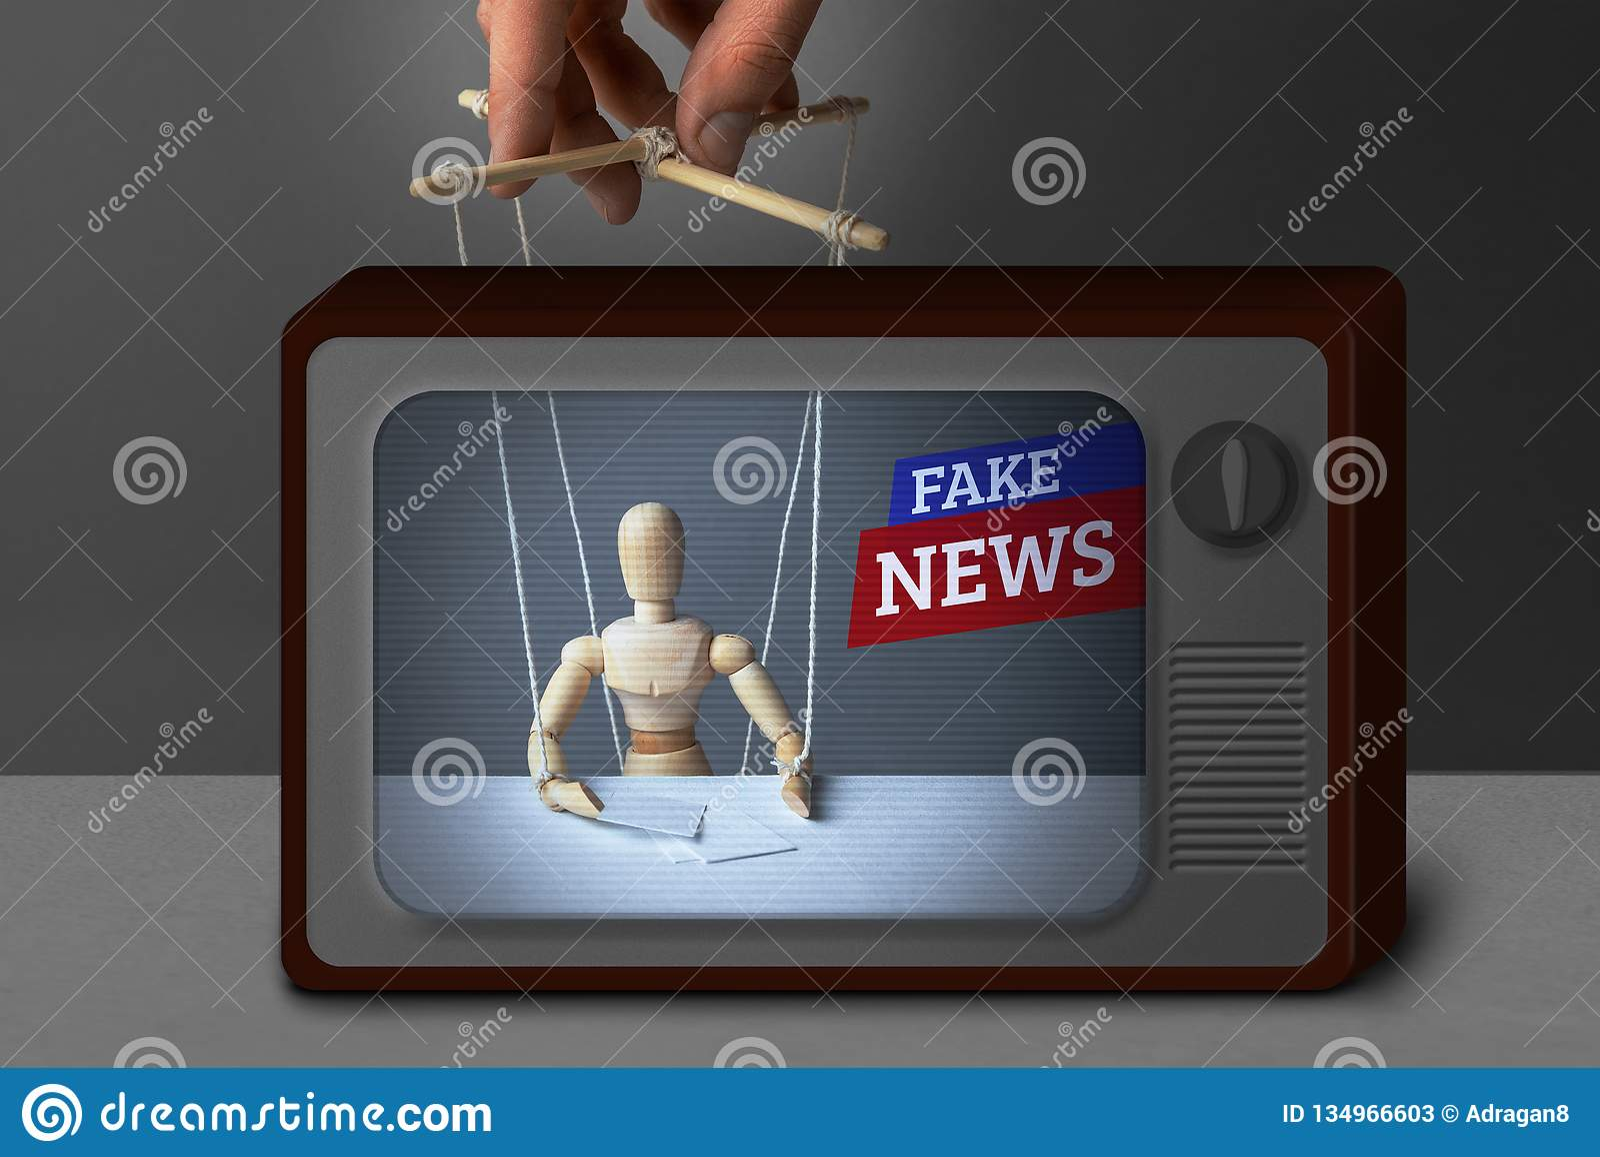 假电视新闻 通讯员,玩偶控制操纵傀儡的人 欺骗电视的人的说谎的信息